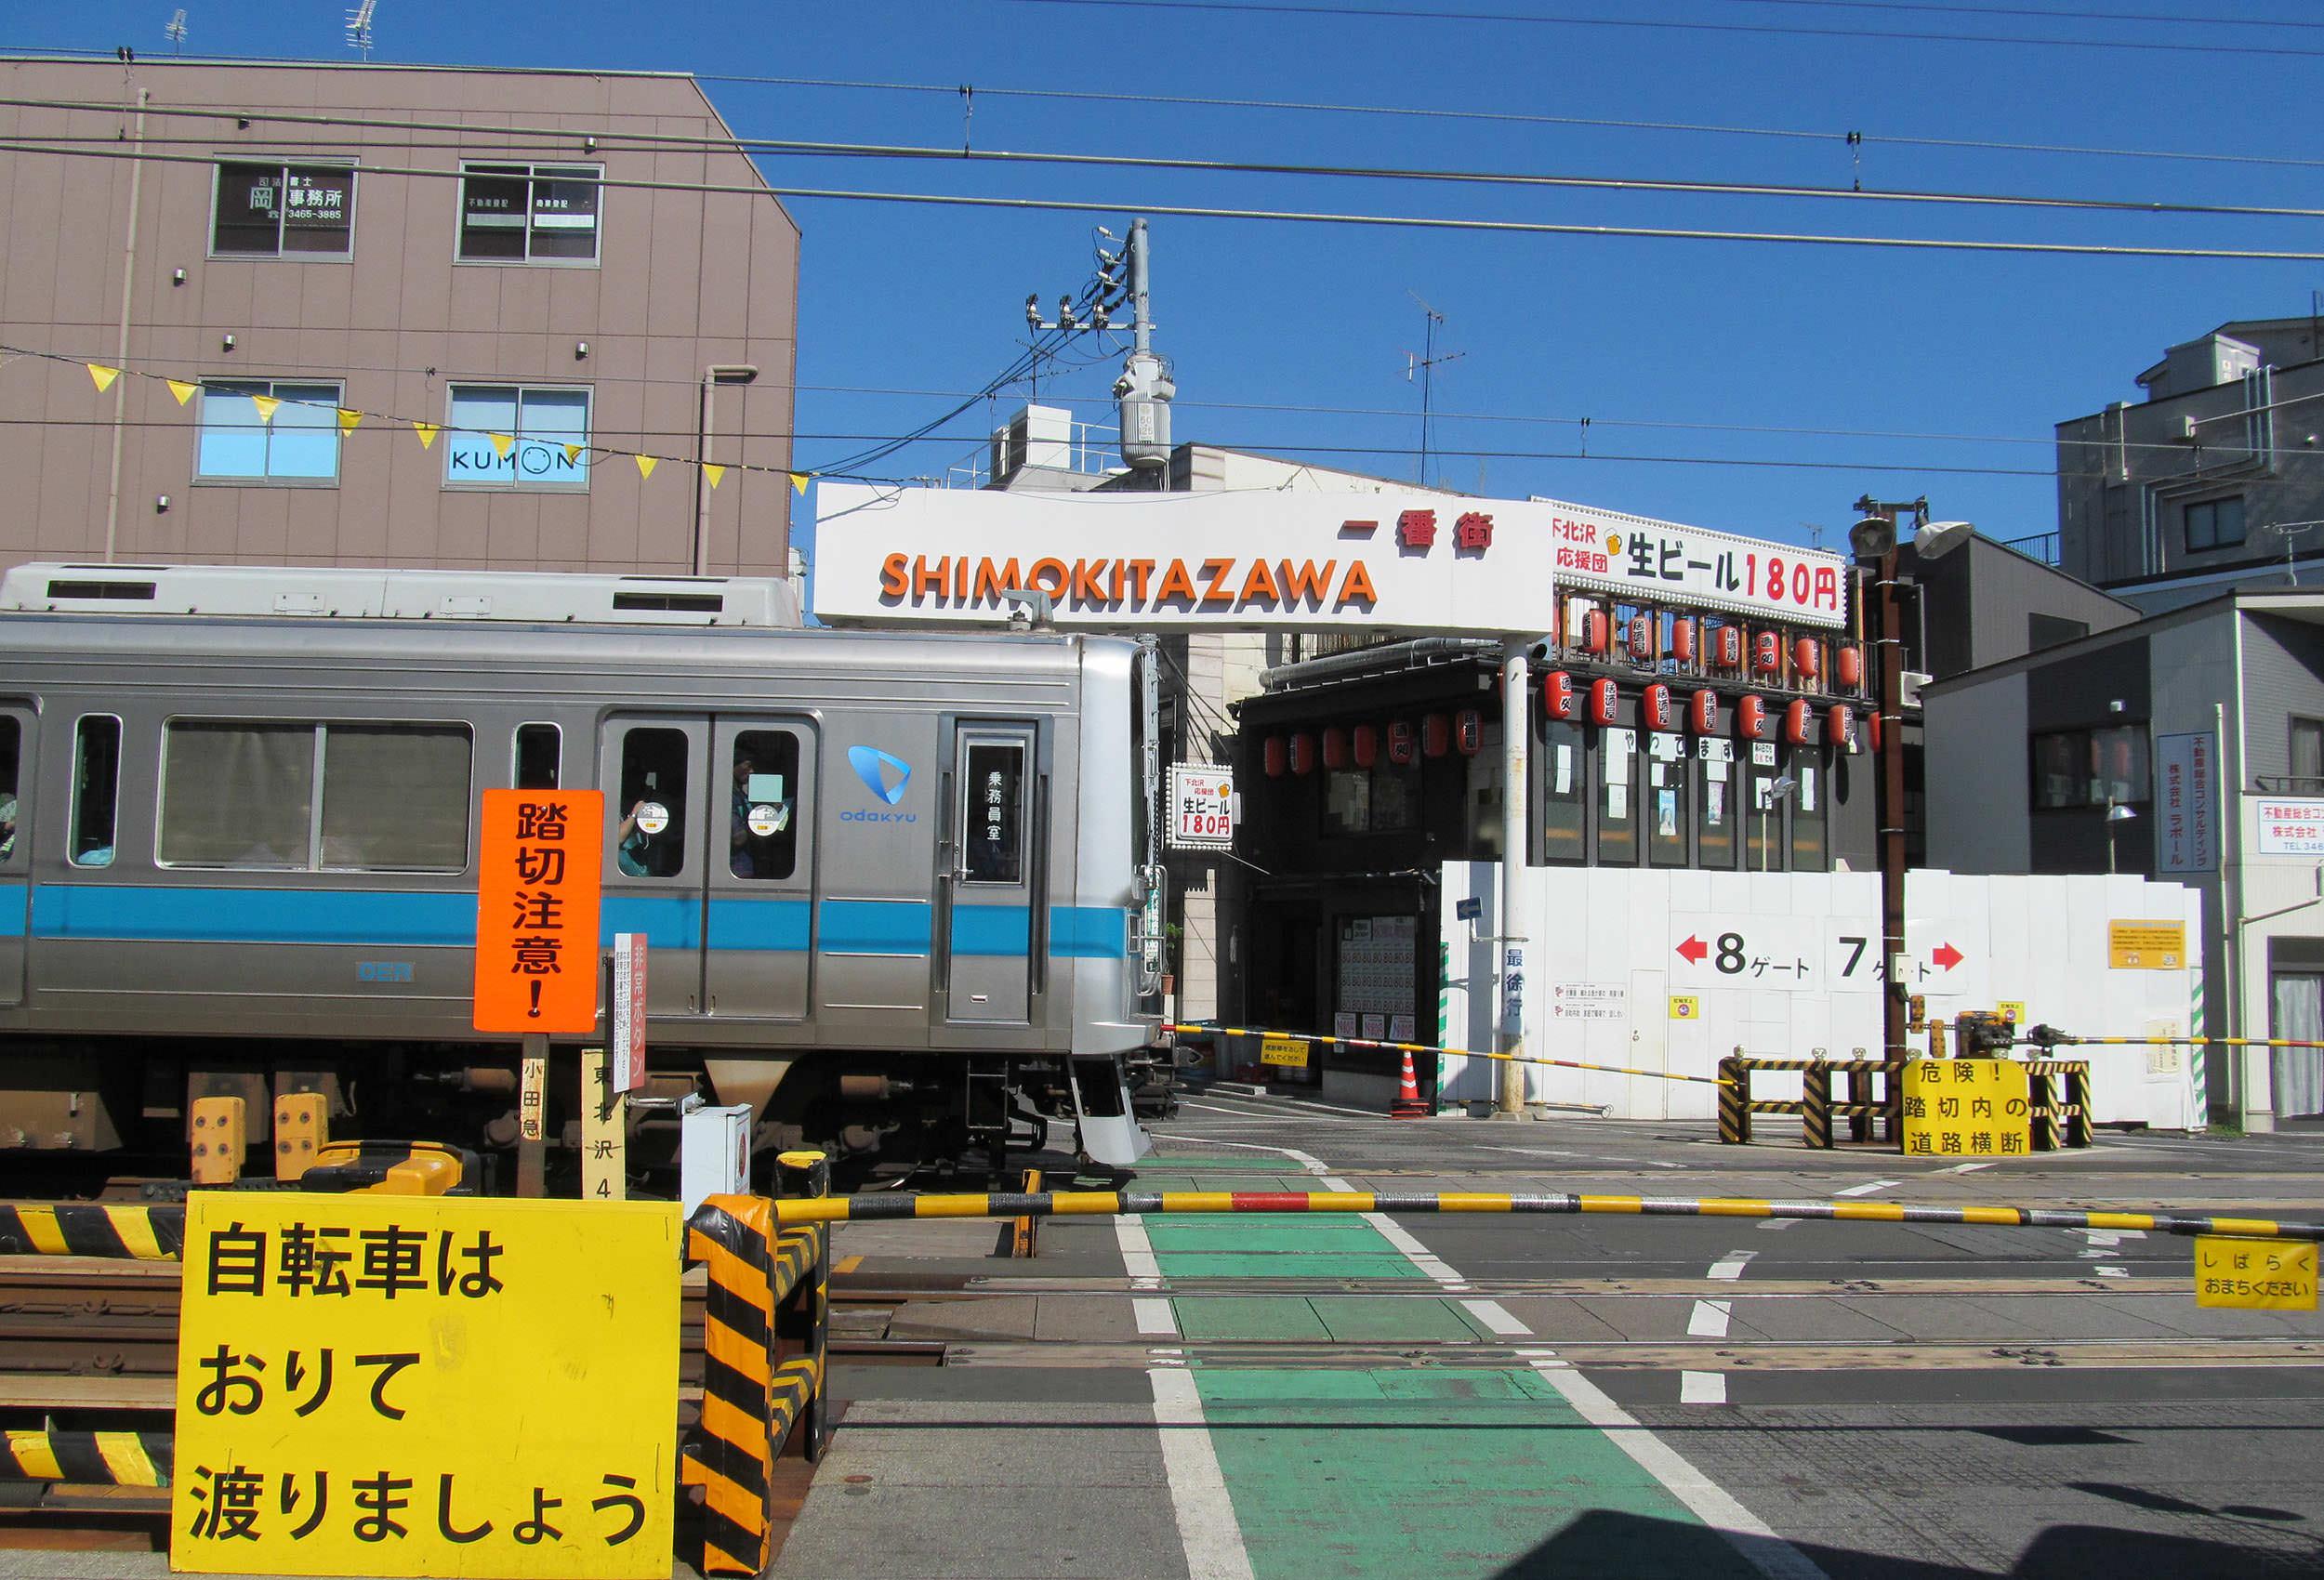 レンタル撮影スタジオのエリア: 下北沢・明大前・成城学園前